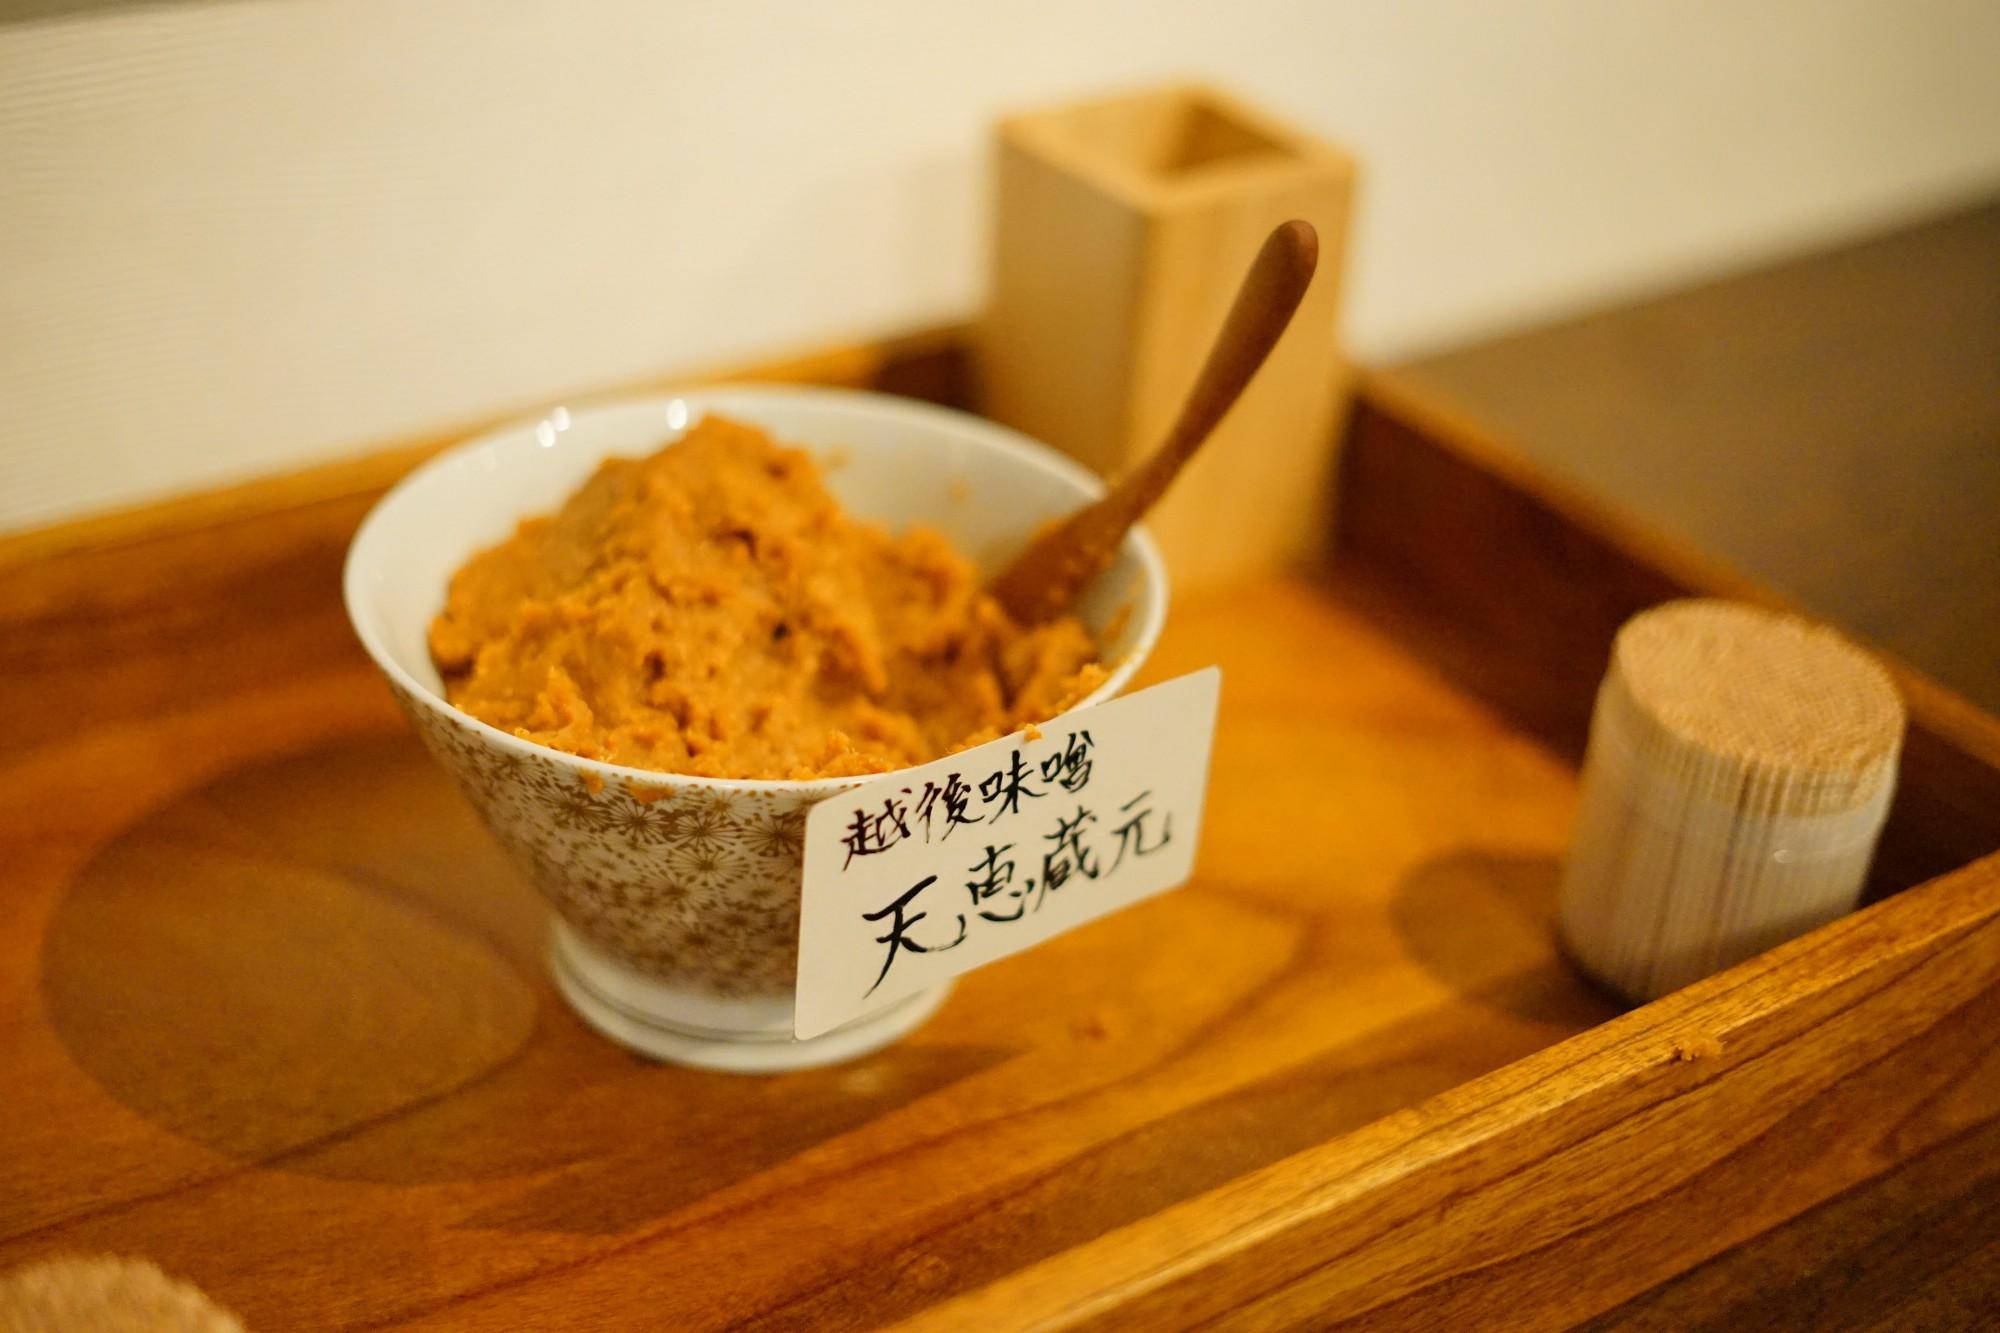 長岡市内の醸造の町・摂田屋にある「星野本店」の越後味噌「越の天恵」をつまみに。なんという贅沢。